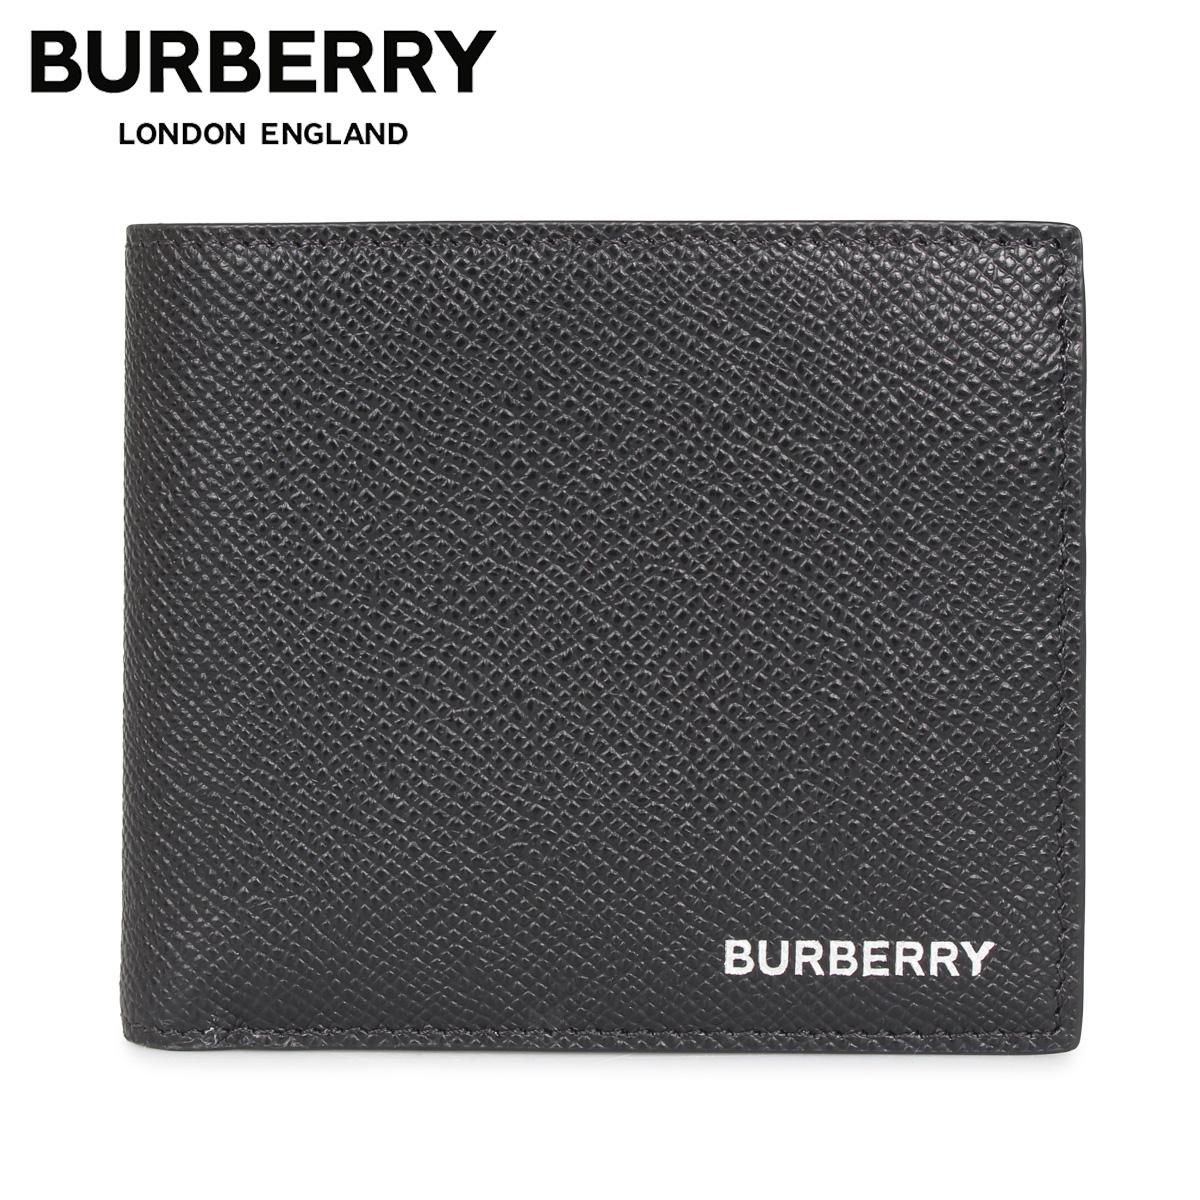 経典ブランド BURBERRY バーバリー 財布 二つ折り メンズ CC BILL COIN ブラック 黒 8014656, 樹液シートショップ エスポアール 6c08a71a